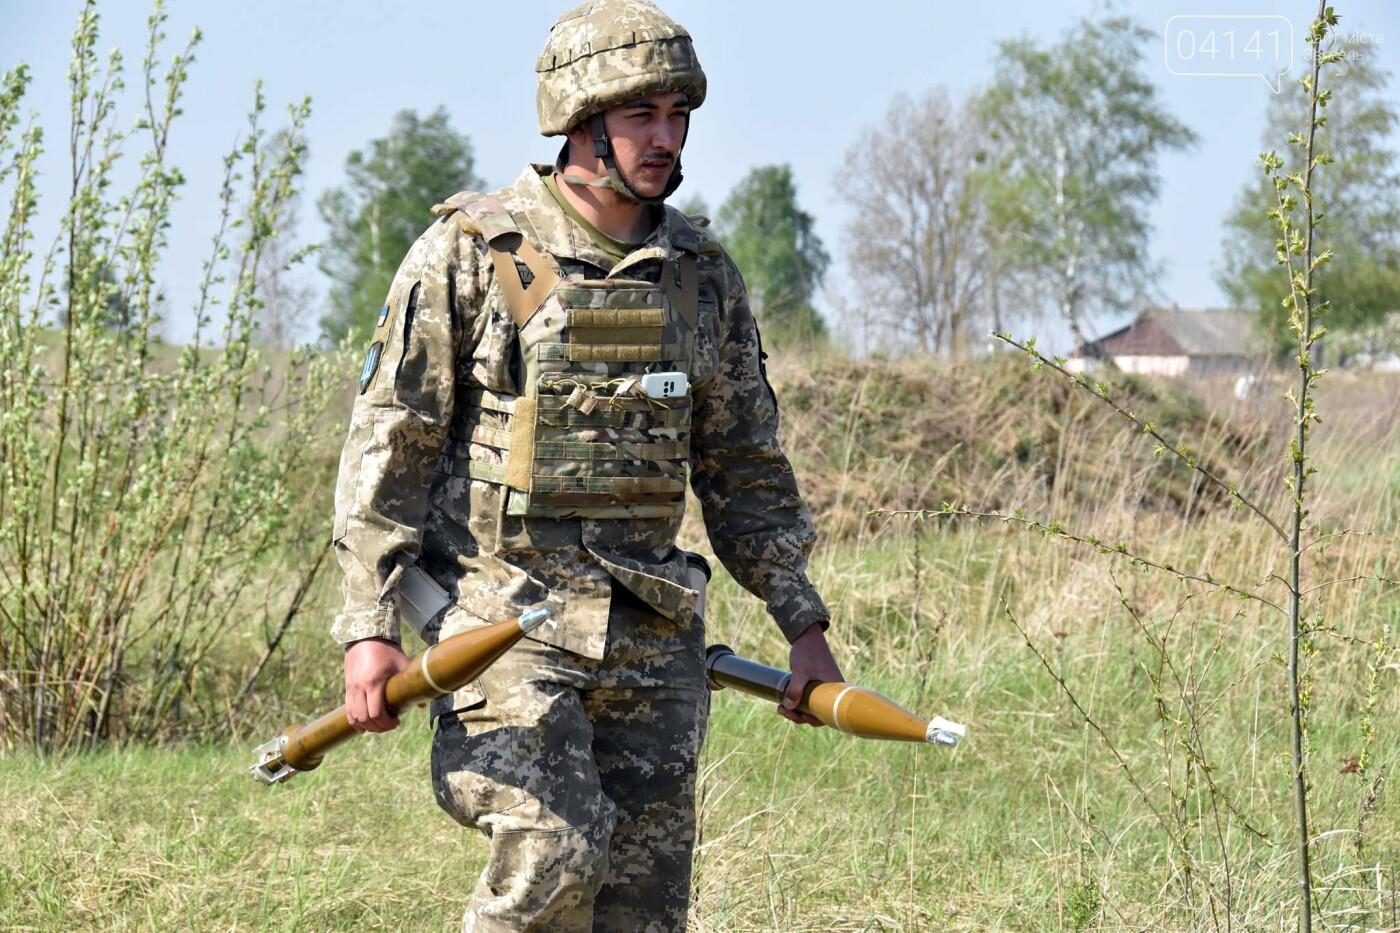 «Валять з сапога»: 30-та бригада вдосконалює свою майстерність, фото-2